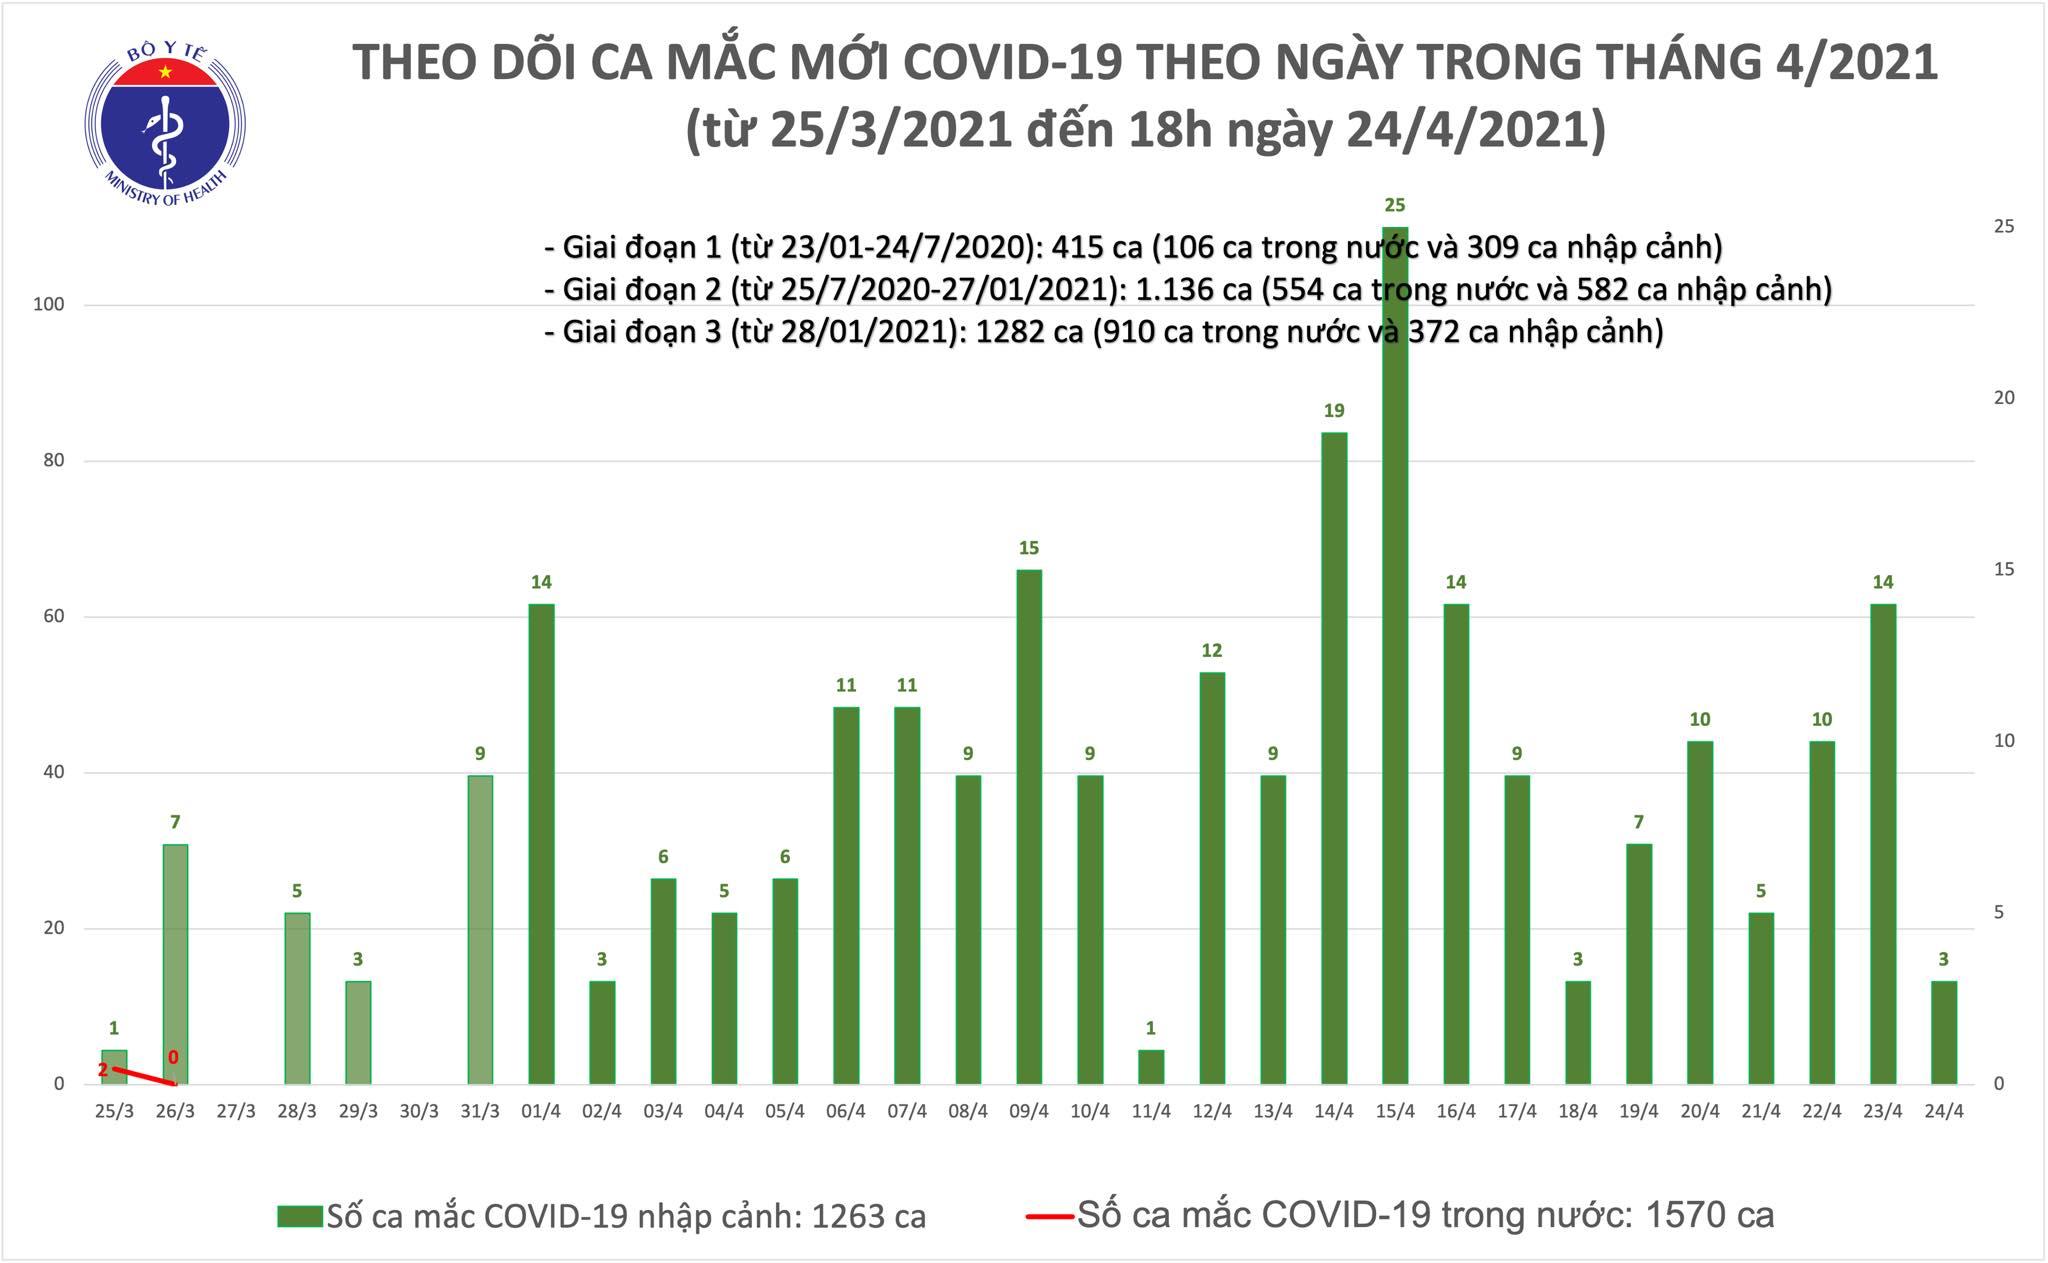 Chiều 24/4: Thêm 1 ca mắc COVID-19 tại Đà Nẵng, có 26 bệnh nhân khỏi